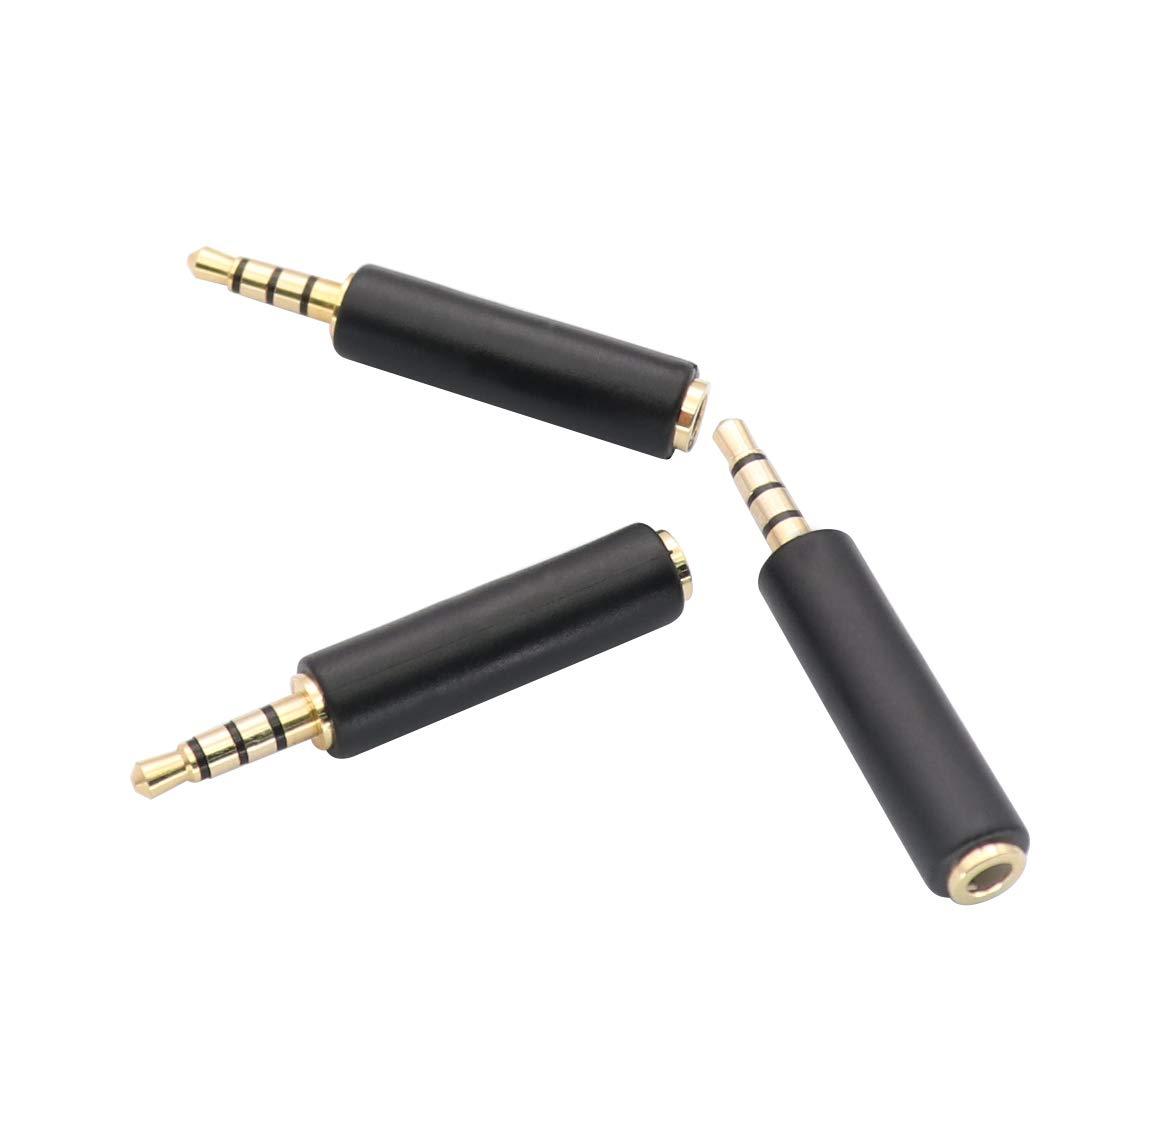 3,5 mm auf 3 RCA AV Camcorder Video Kabel f/ürTV-Box//MP3//PC 3,5 mm auf 3 RCA Stecker zu Cinch Stereo Audio Video Stecker AUX Kabel 1,5 m